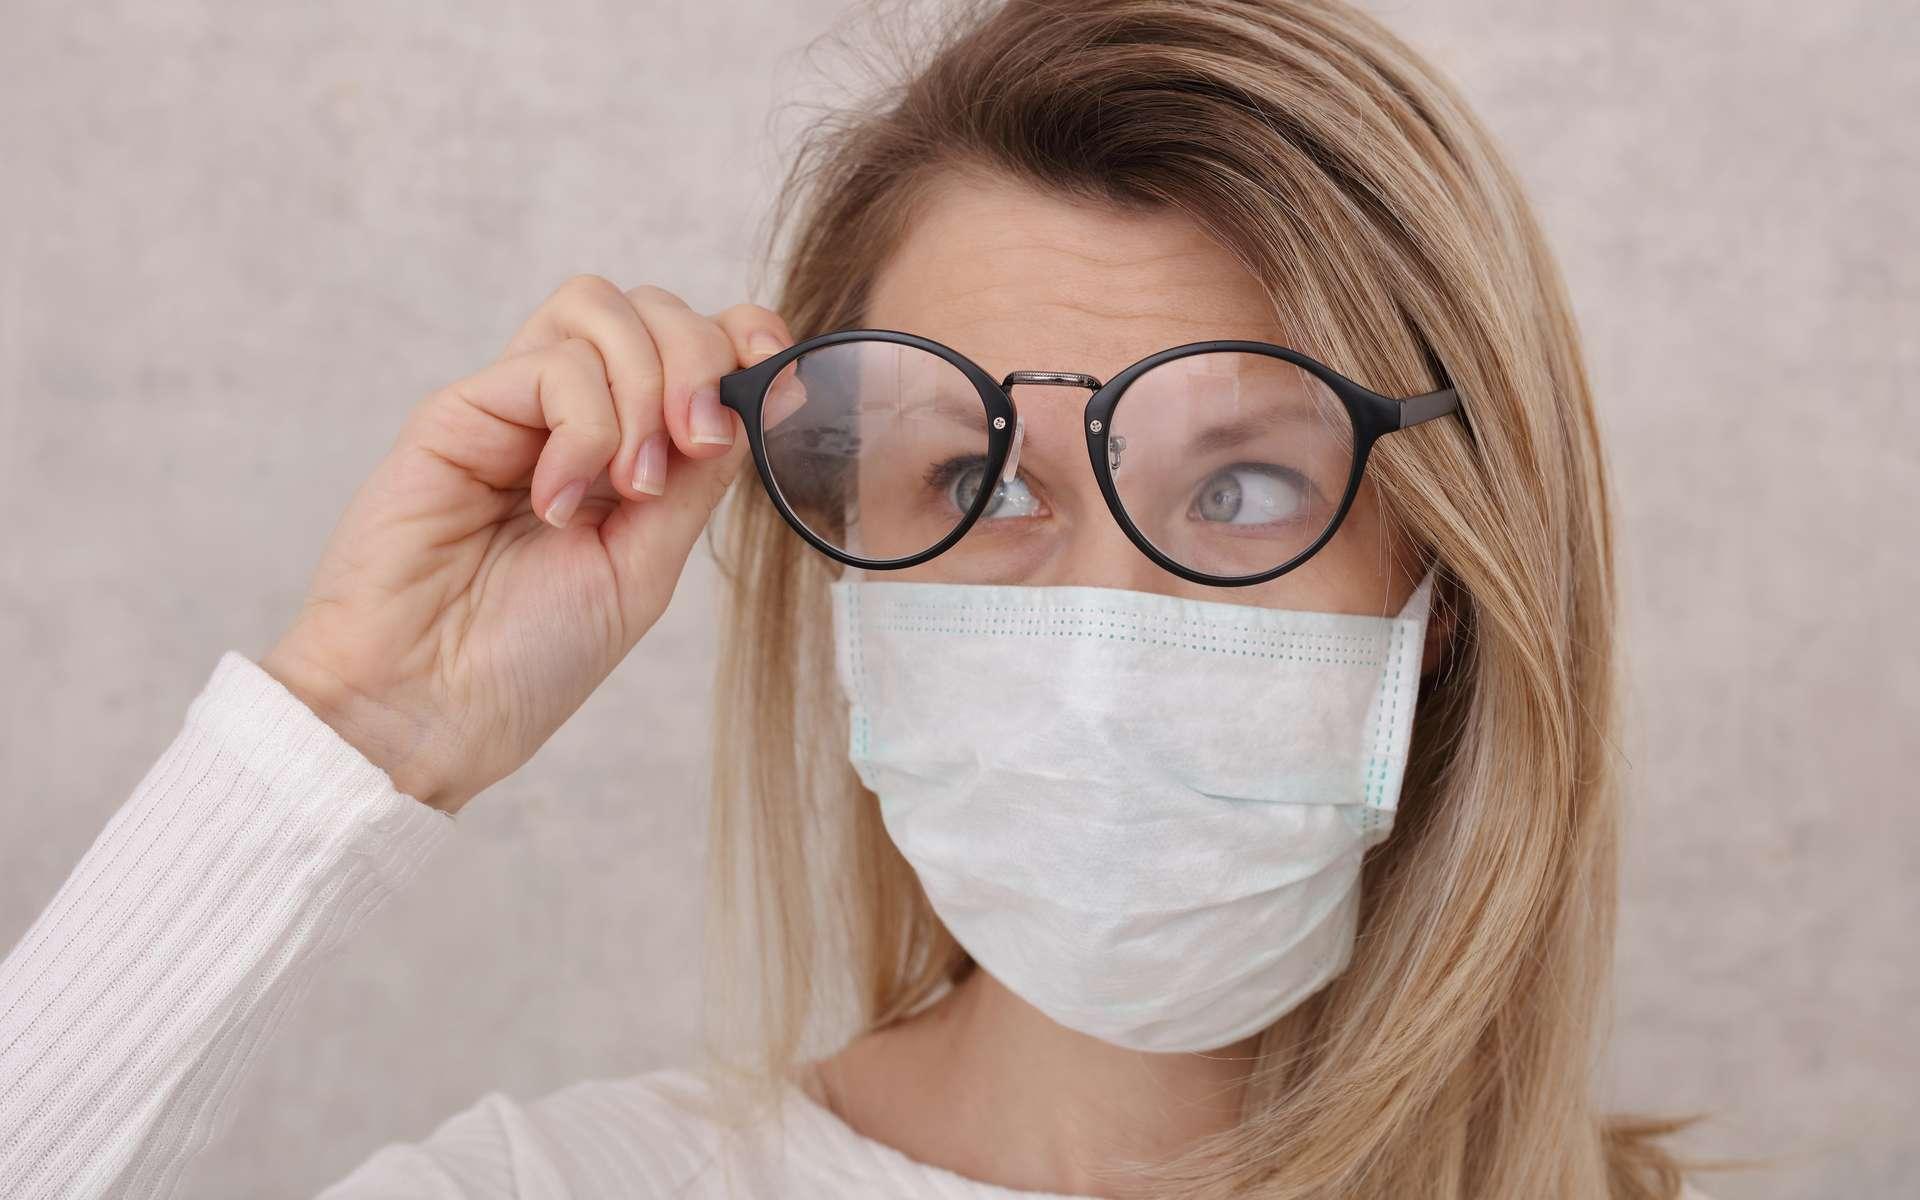 Les lunettes, une protection supplémentaire contre le coronavirus ? © glisic_albina, Adobe Stock